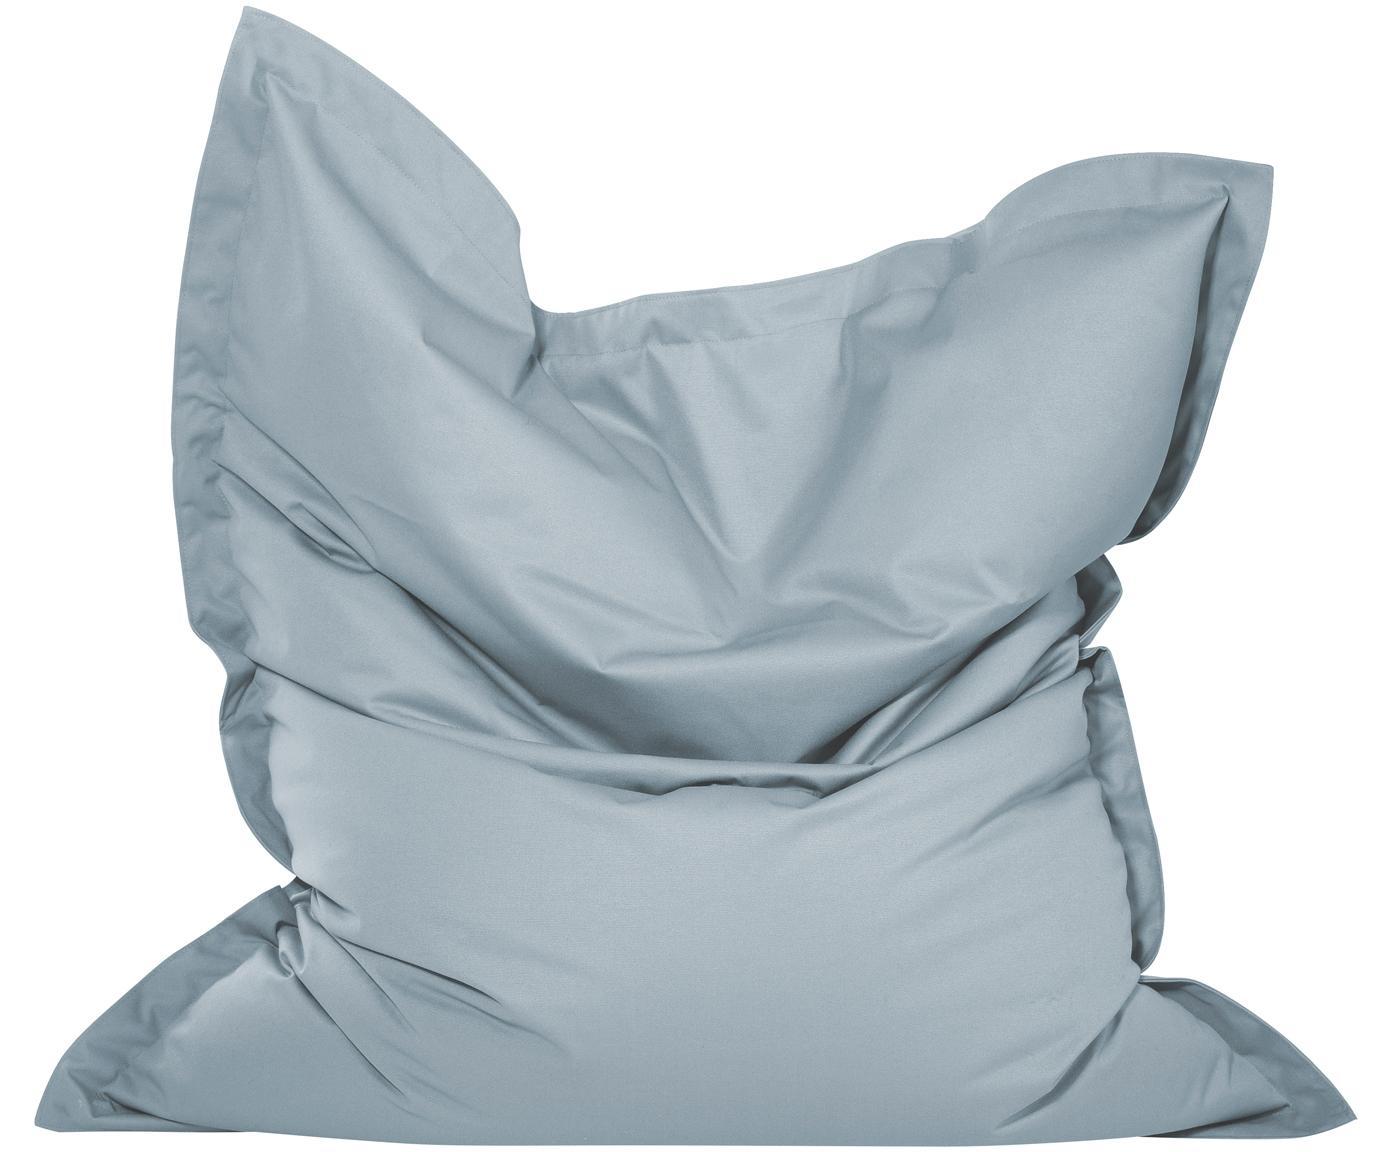 Grote zitzak Meadow, Bekleding: polyester, polyurethaan g, Steengrijs, 130 x 160 cm